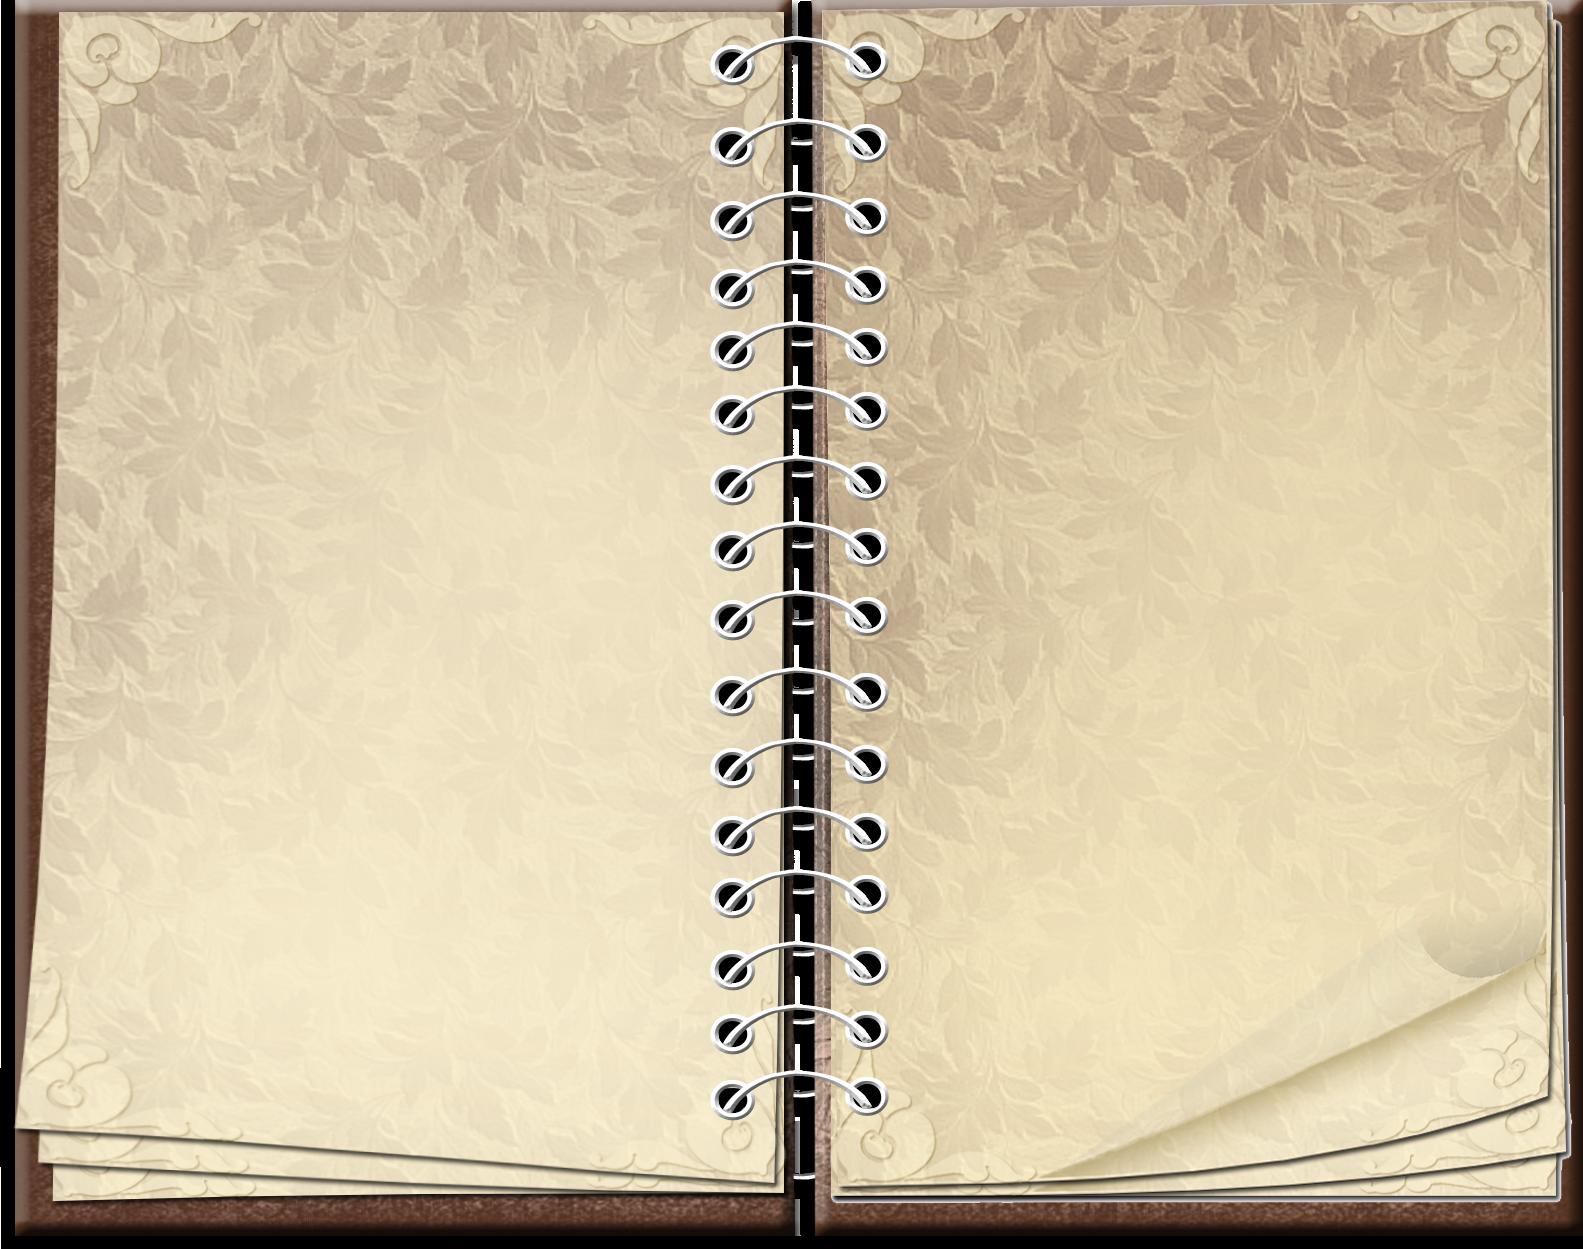 шаблон для книги картинки это комплексный